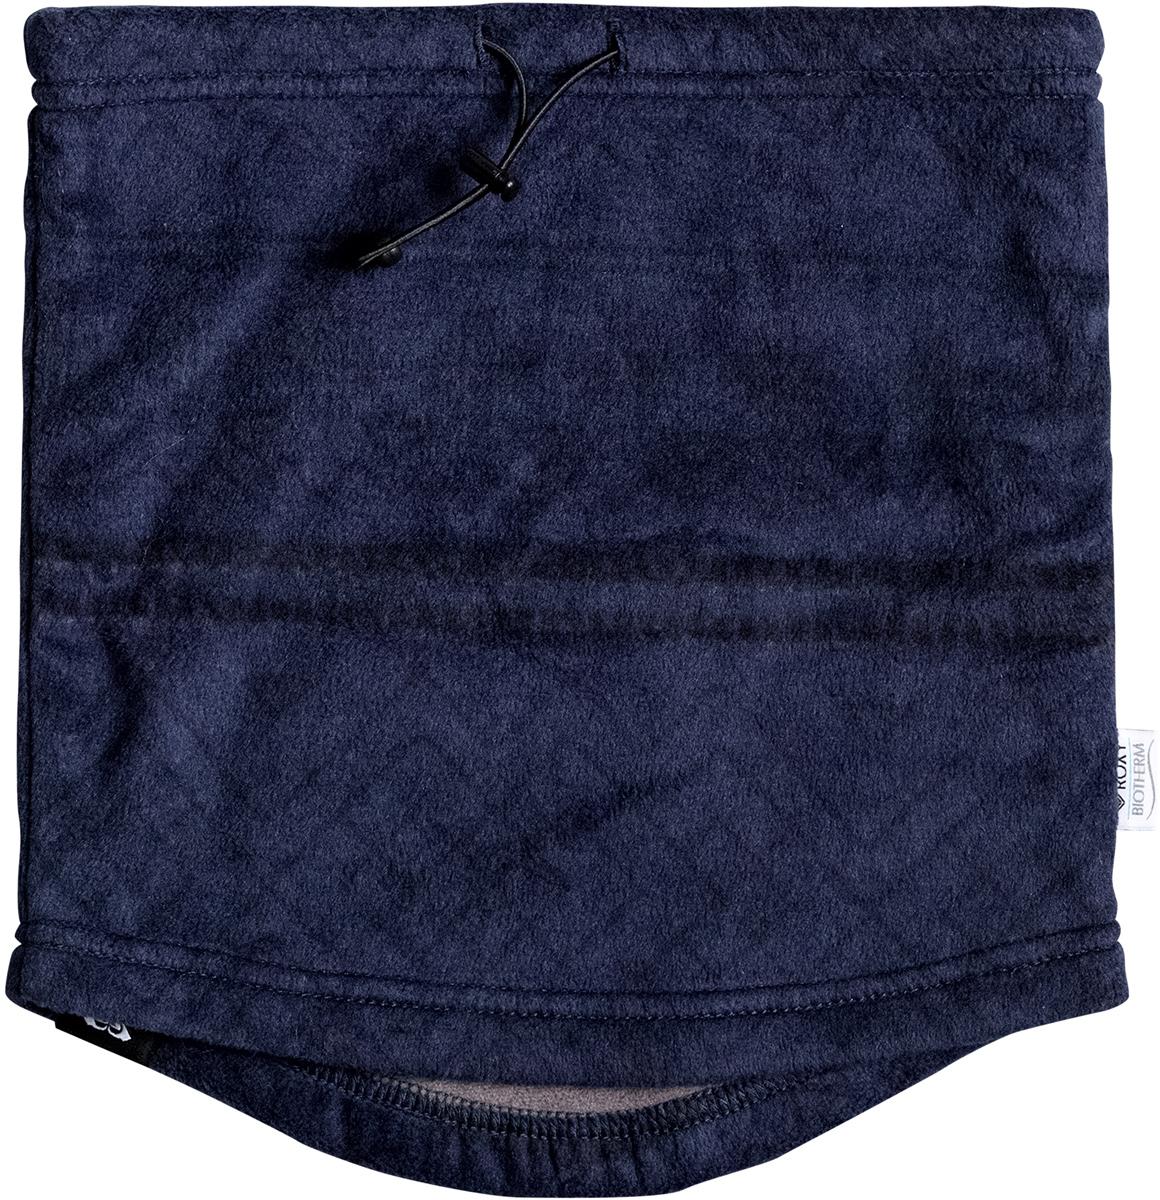 Снуд женский Roxy Cascade, цвет: темно-синий. ERJAA03295-BTN8. Размер универсальныйERJAA03295-BTN8Эргономичный женский снуд Roxy Cascade не позволит вам замерзнуть в холодное время года. Изделие выполнено из высококачественного полиэстера с подкладкой из косметотекстиля Enjoy & Care. Шарф на утяжке оформлен оригинальным узором и фирменной нашивкой.